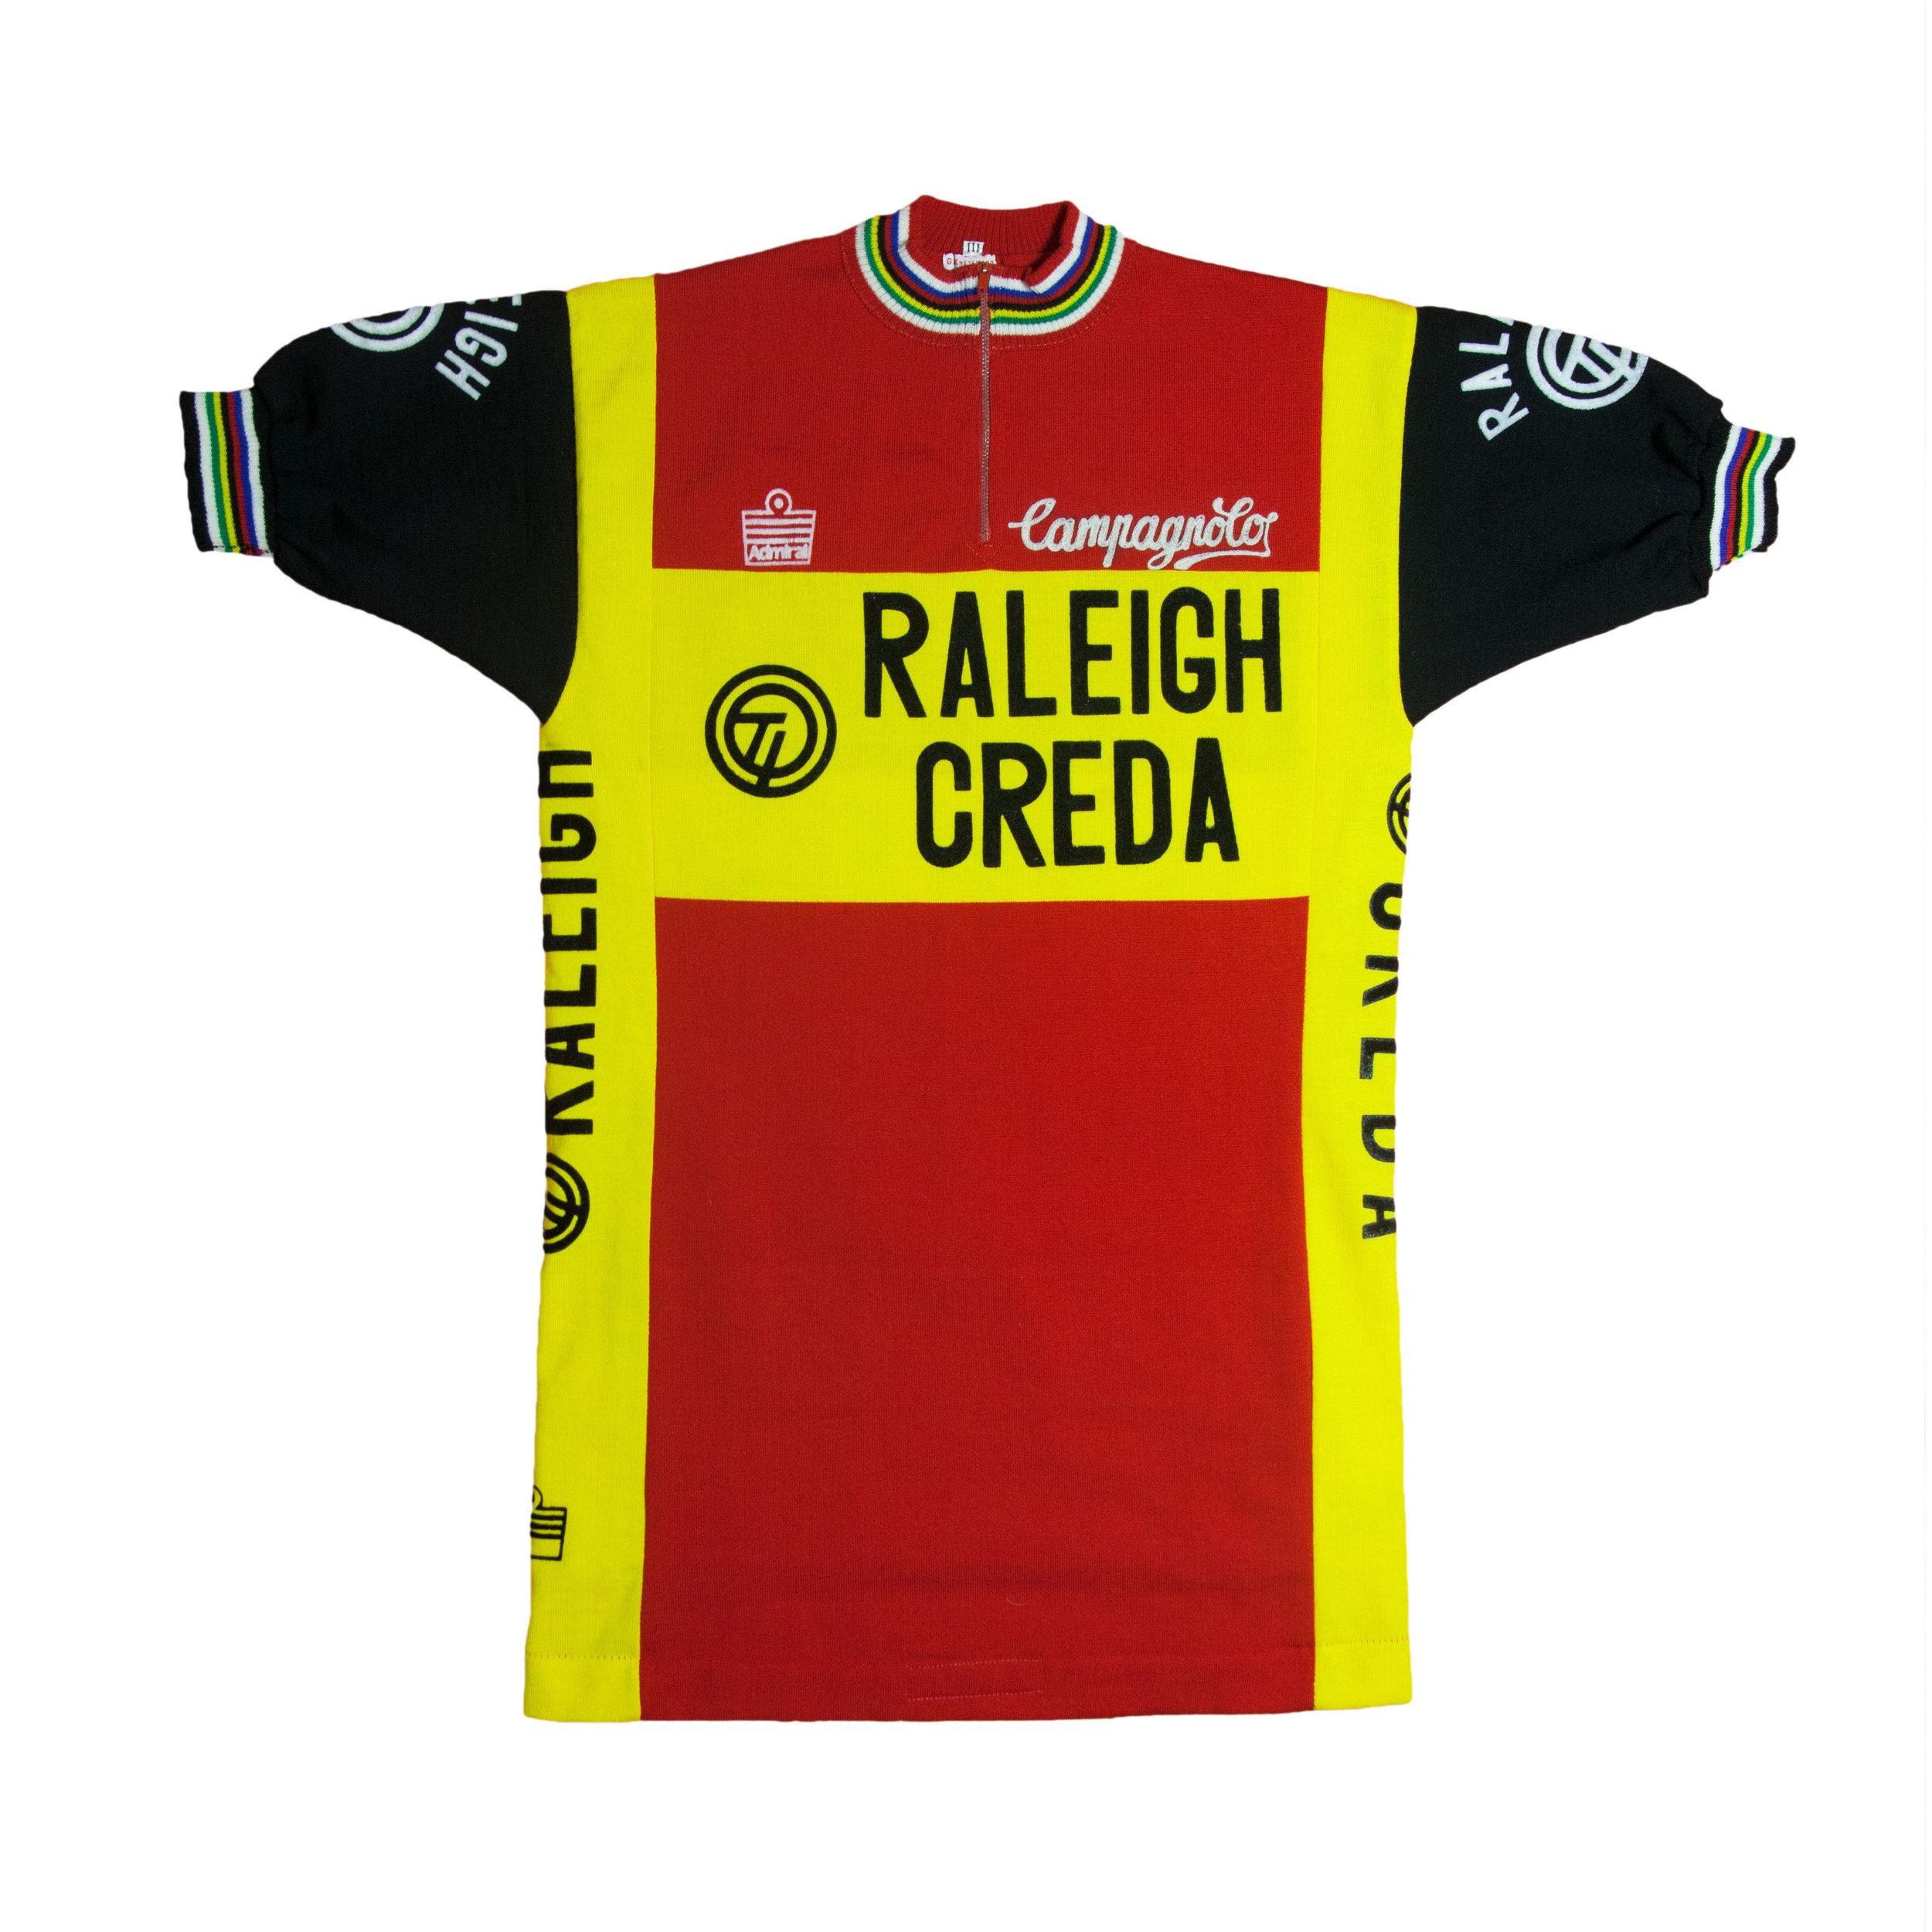 1981 - TI Raleigh - Creda